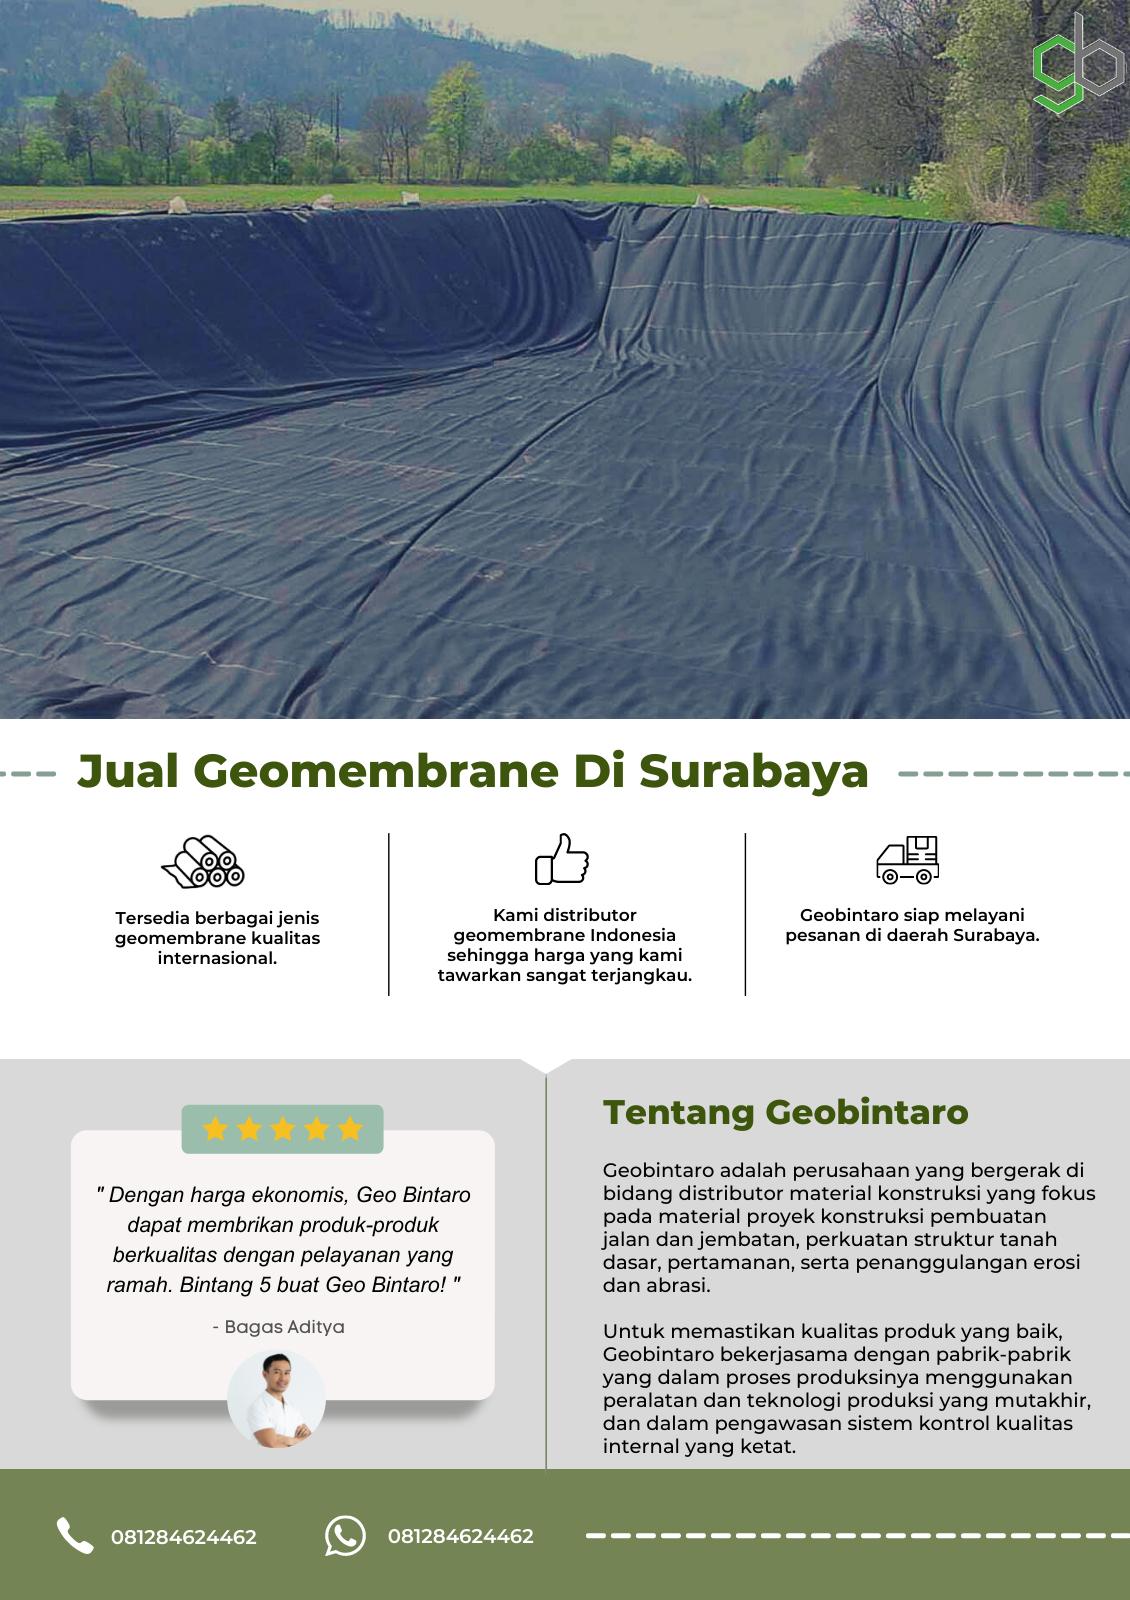 Jual Geomembrane Di Surabaya